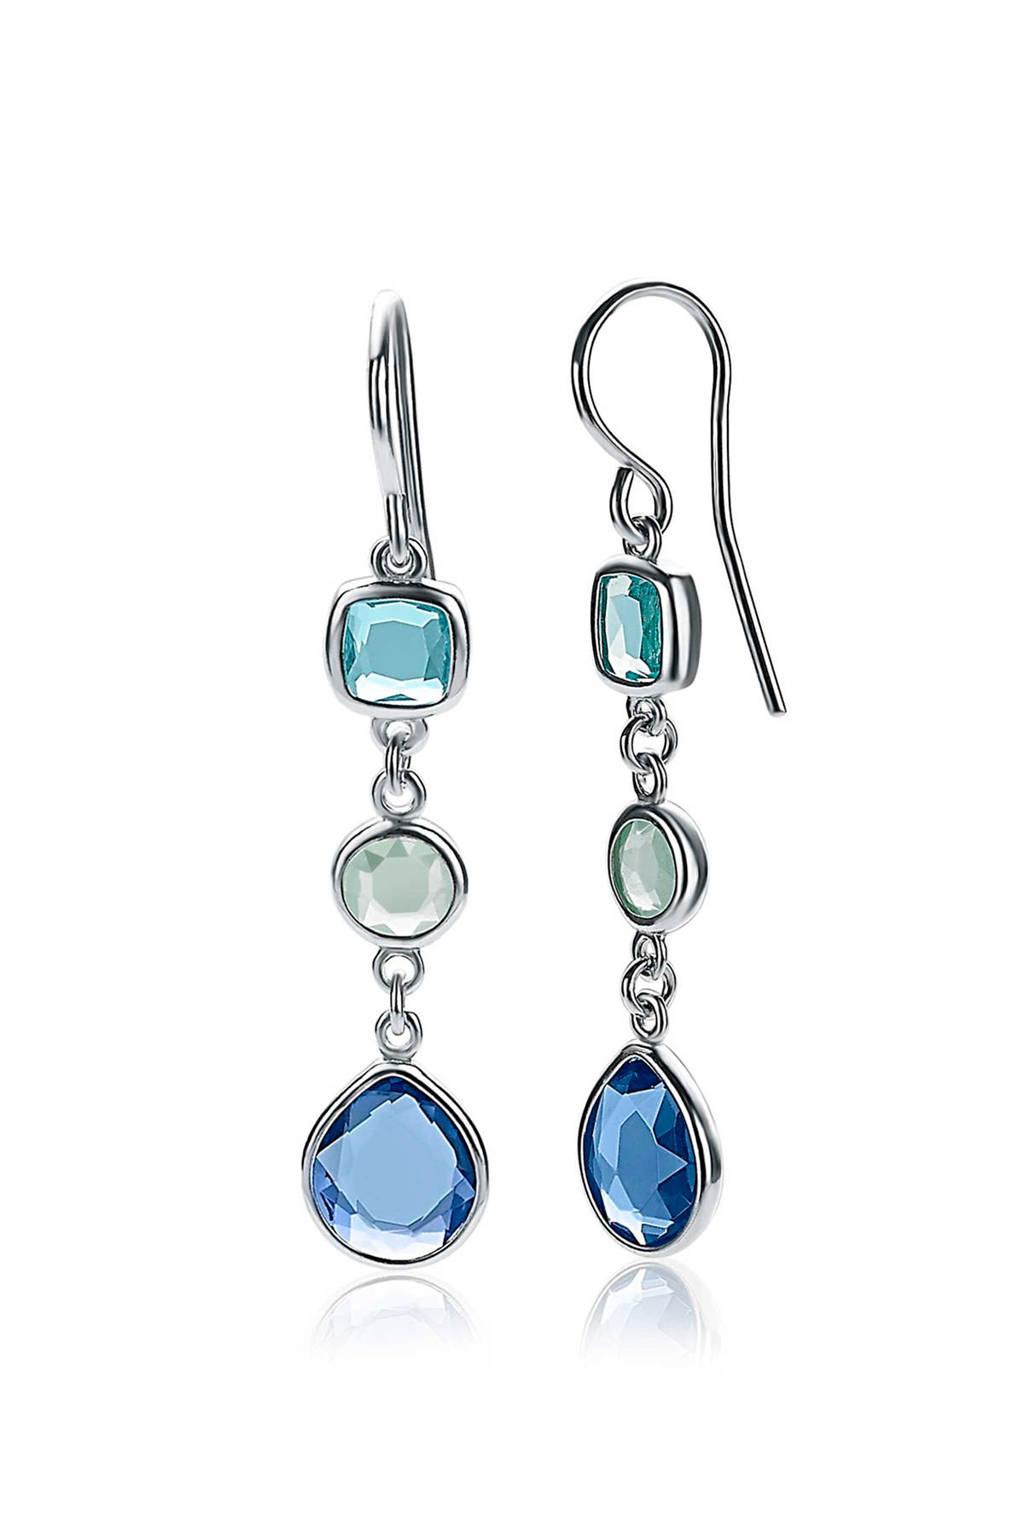 Zinzi oorbellen ZIO1870 blauw/zilverkleurig, Zilverkleurig